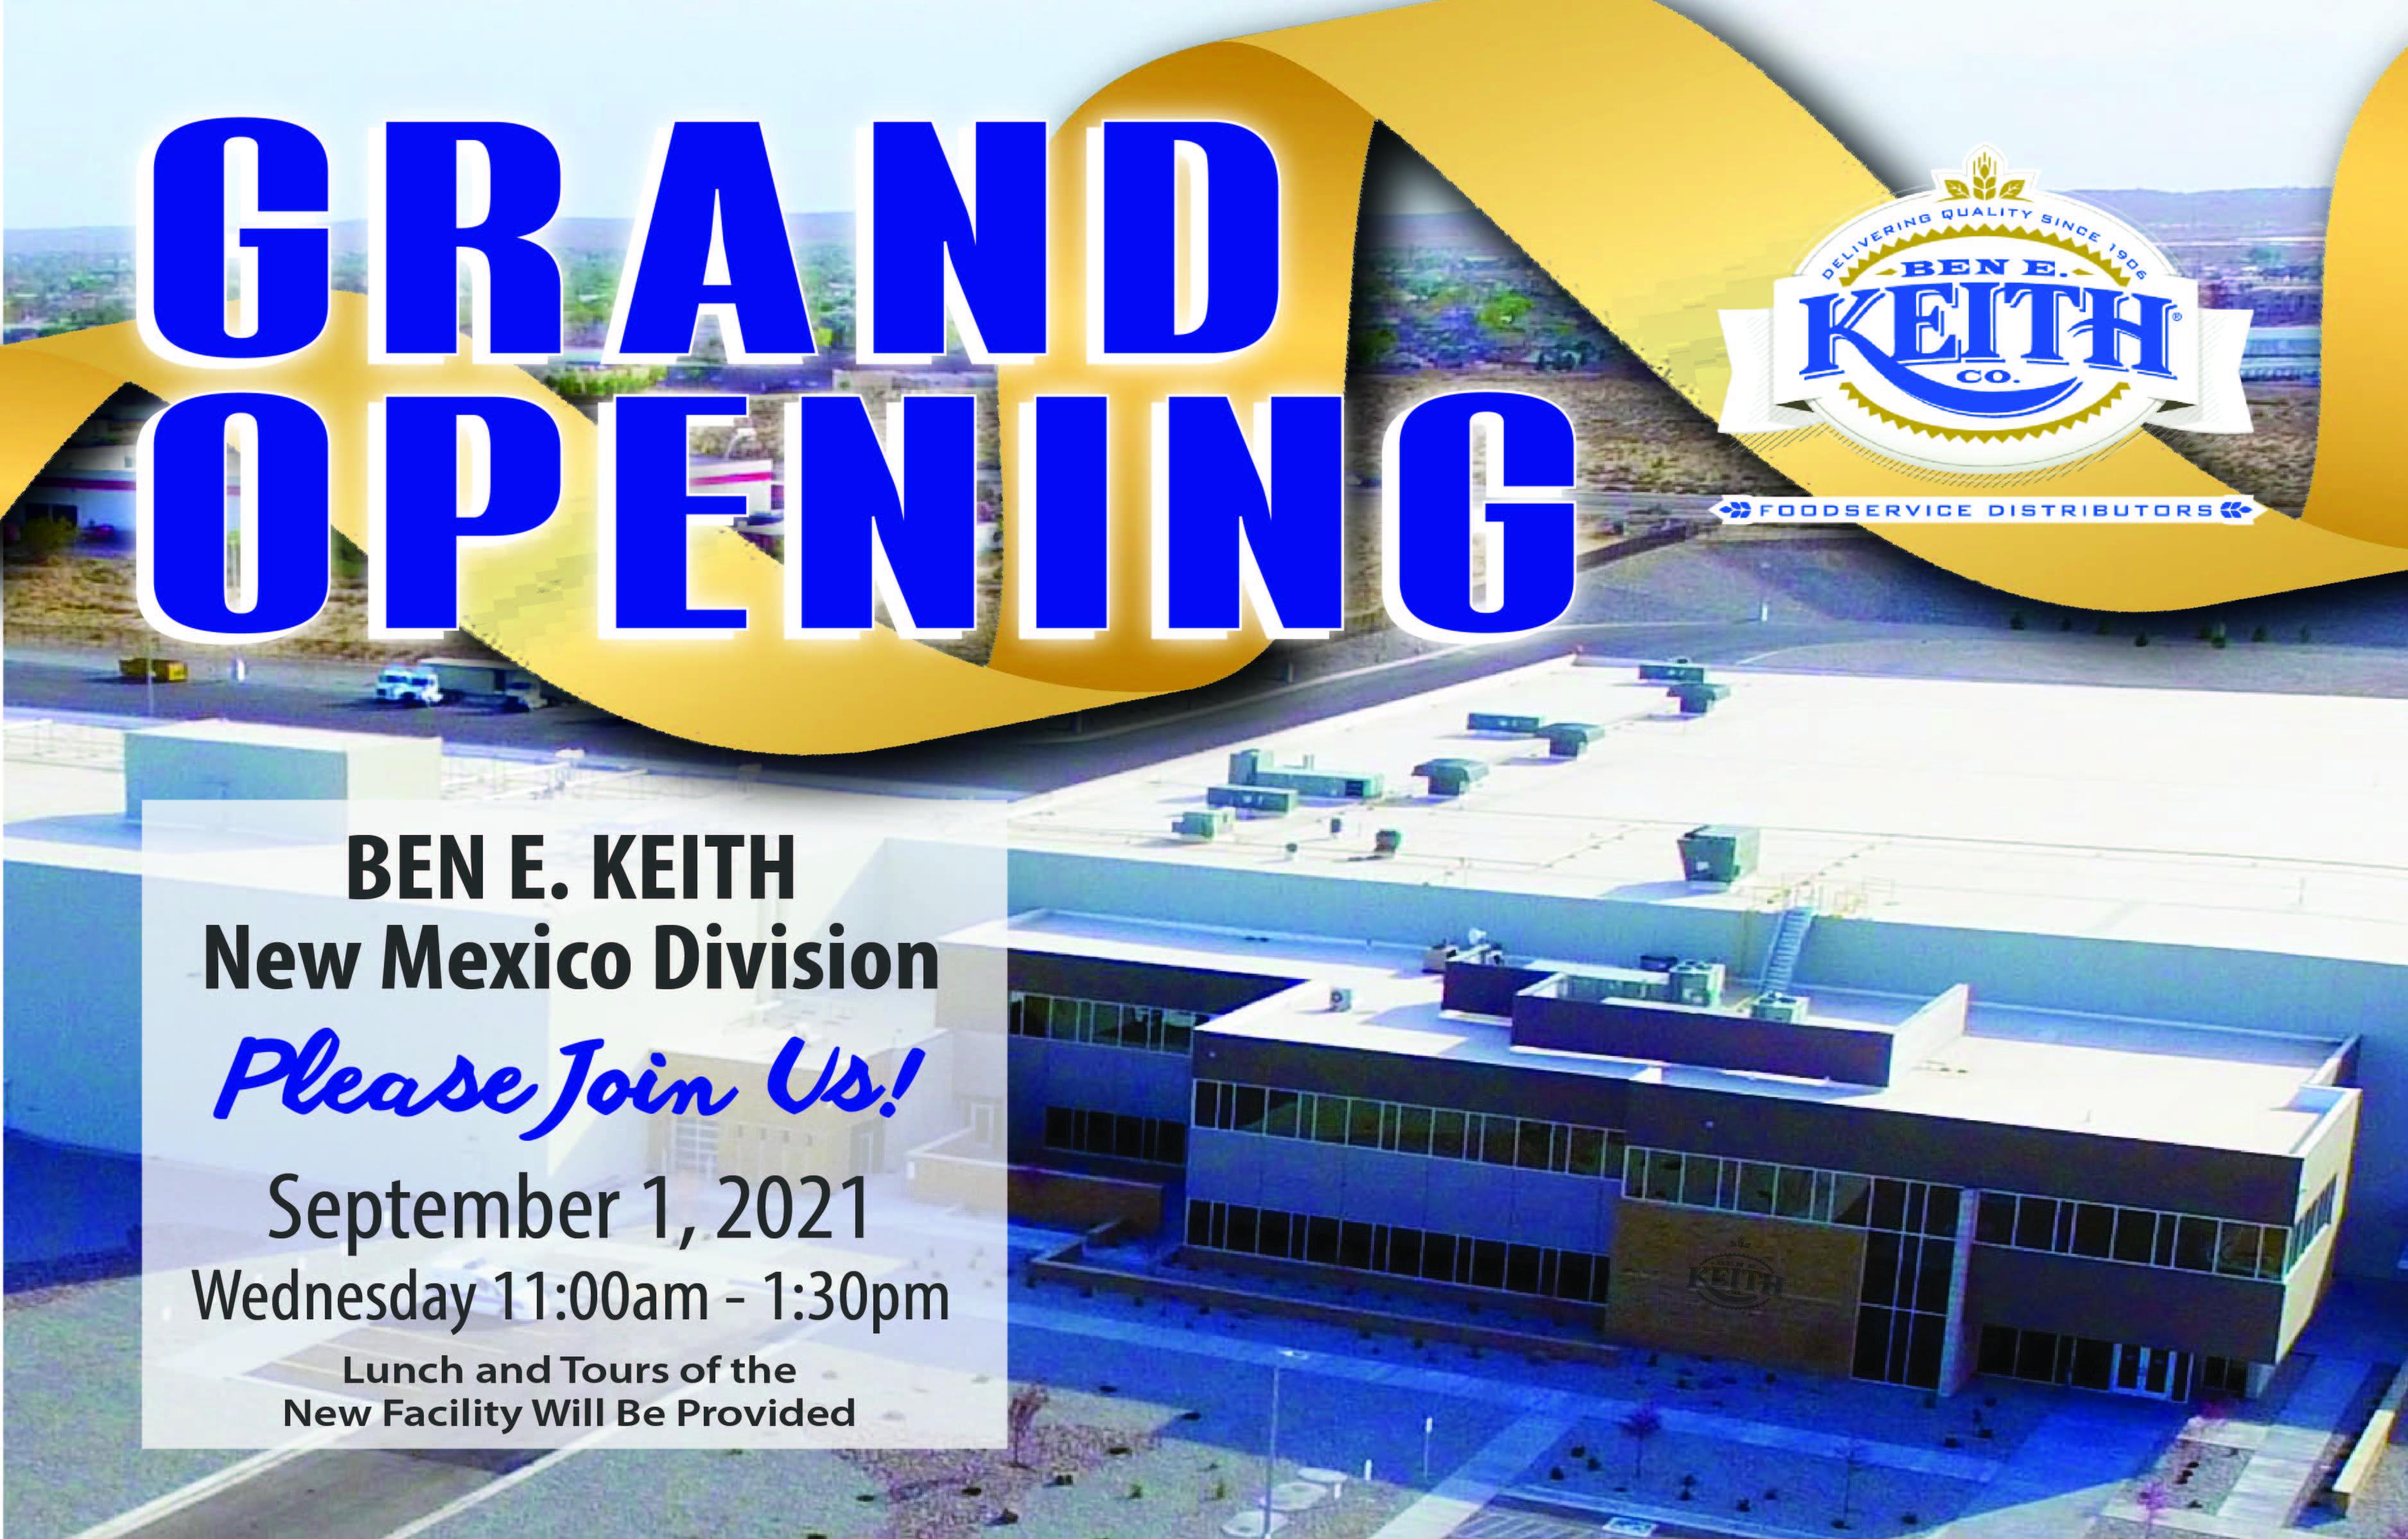 Ben E. Keith New Mexico Grand Opening